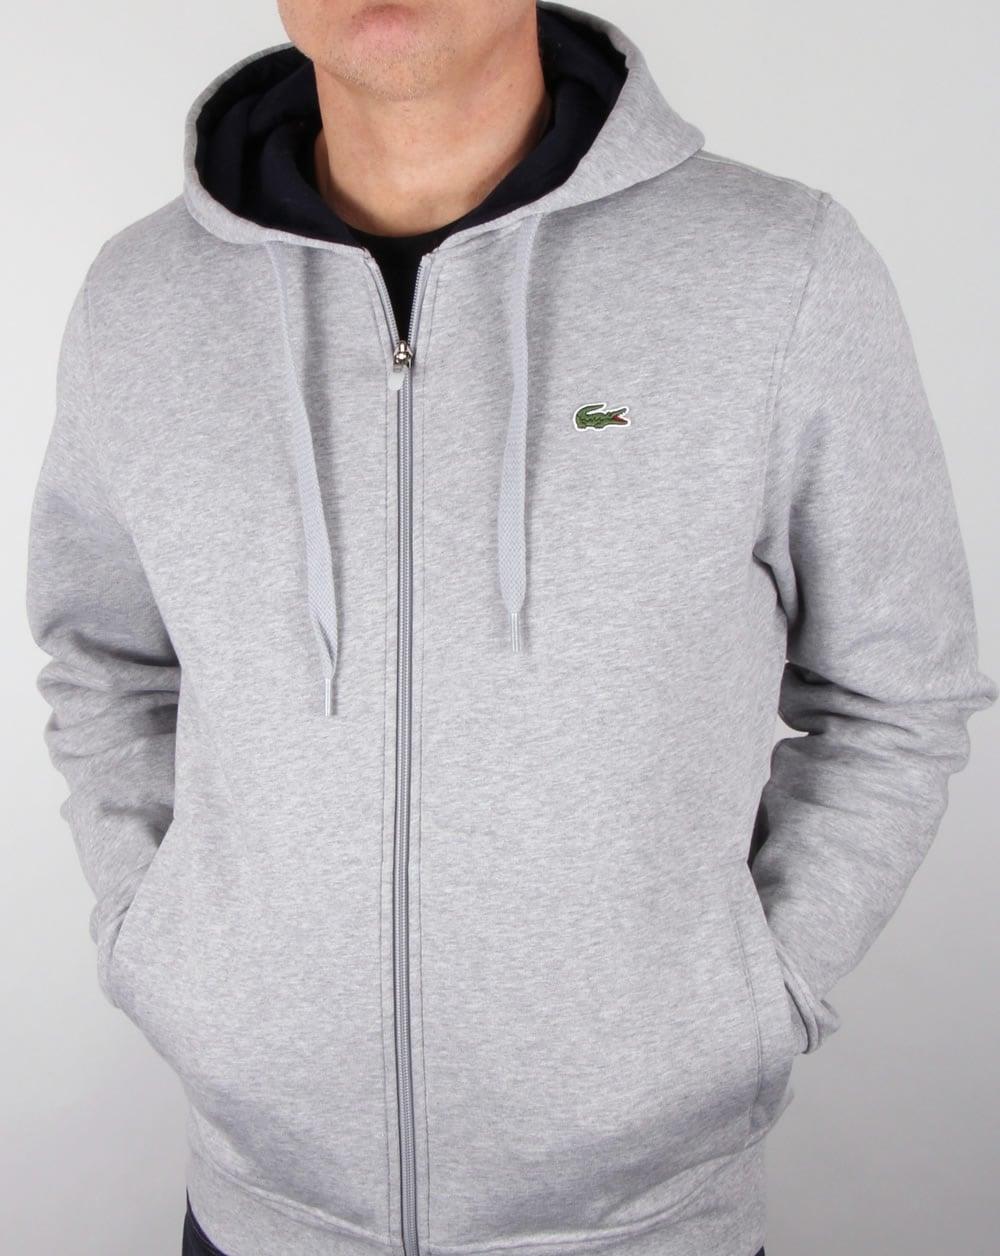 79d572139b Lacoste Hooded Full Zip Sweat Light Grey/Navy